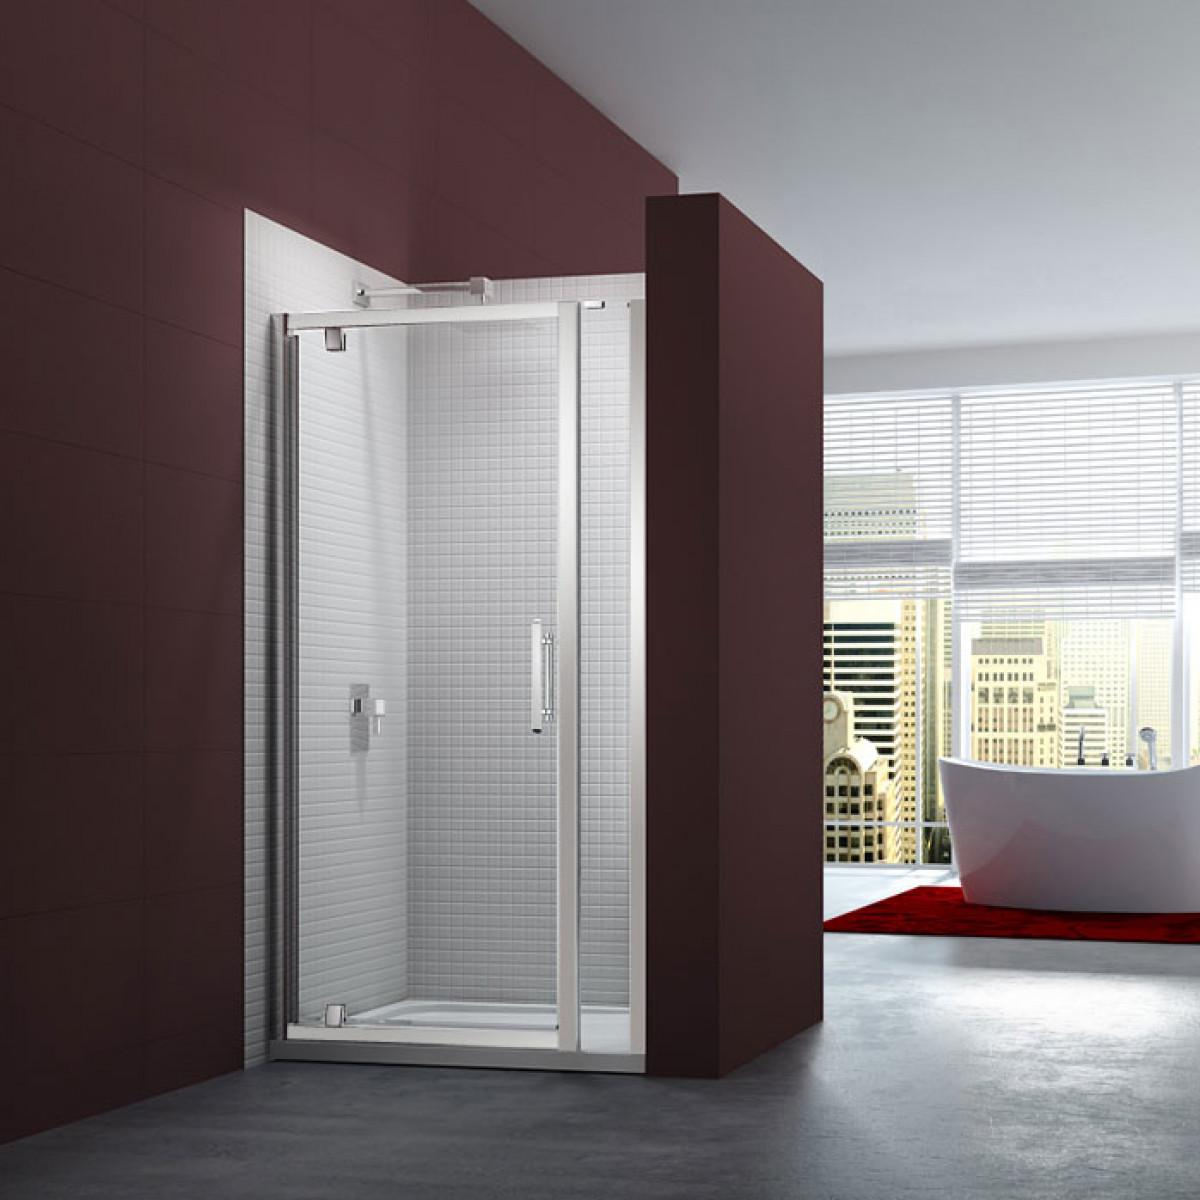 Merlyn 6 series 1000mm pivot shower door and inline panel for 1000 pivot shower door